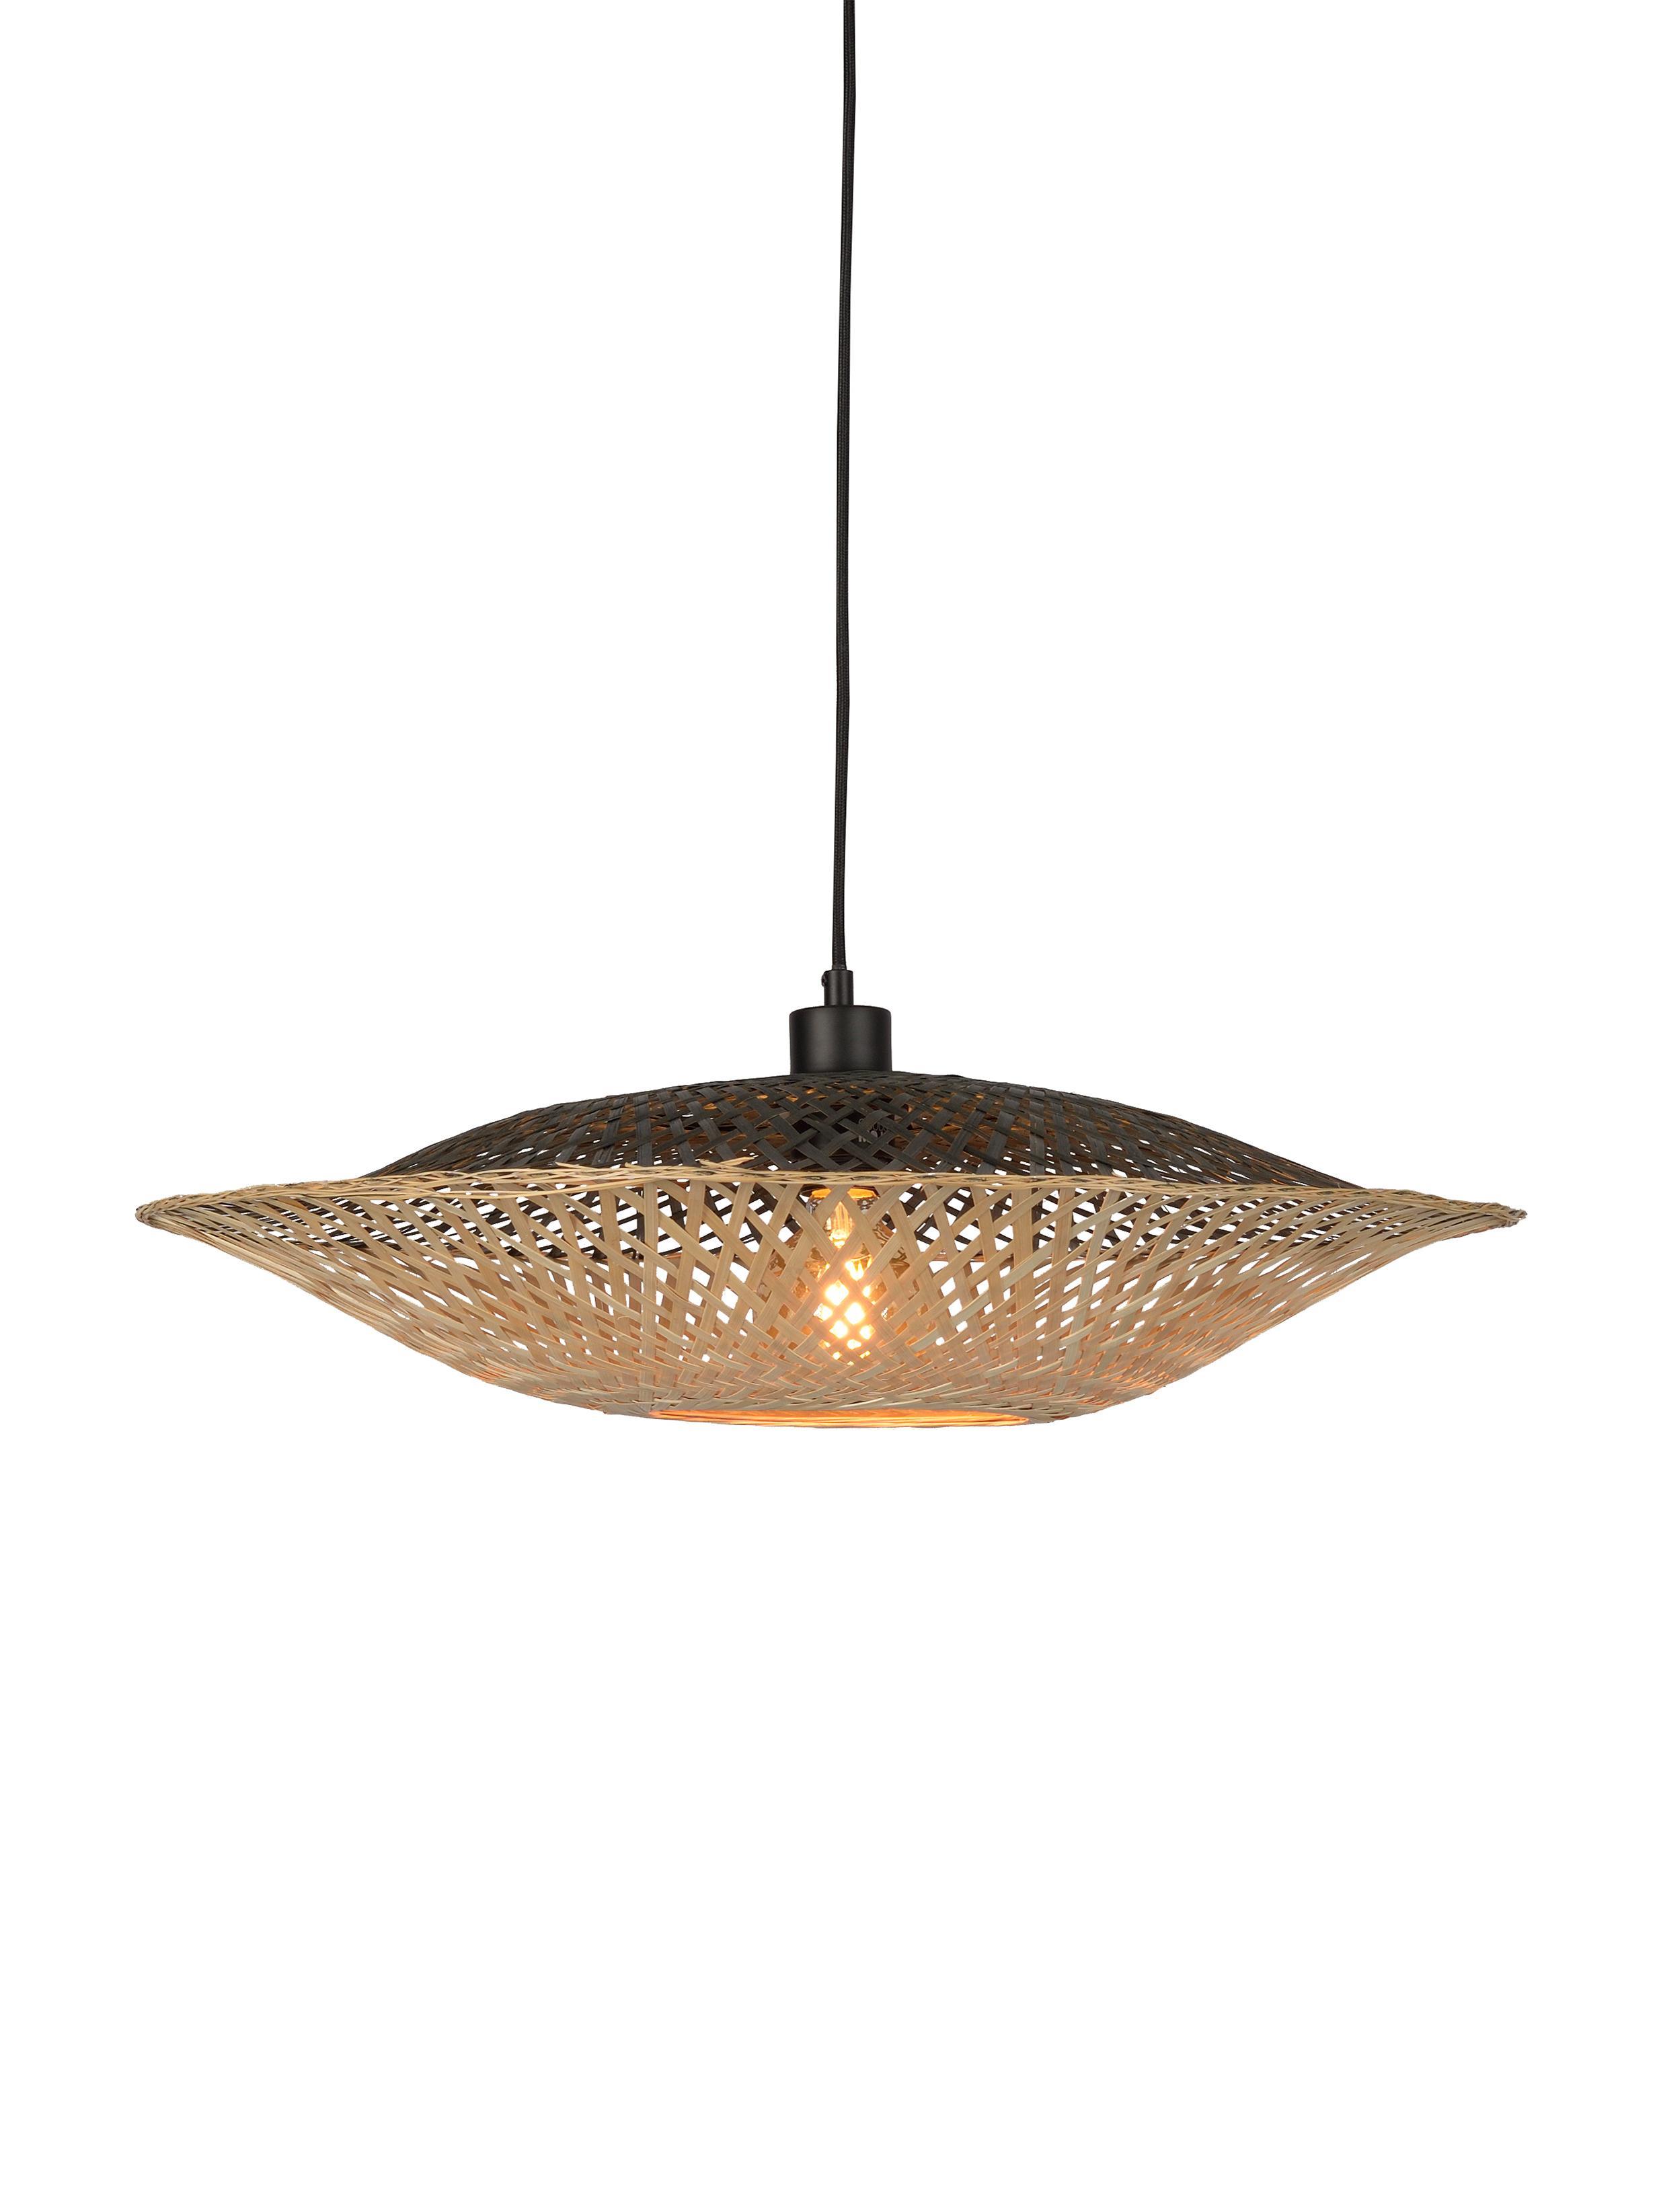 Lámpara de techo de bambú Kalimantan, Pantalla: bambú, Anclaje: plástico, Cable: cubierto en tela, Bambú, negro, Ø 60 x Al 15 cm